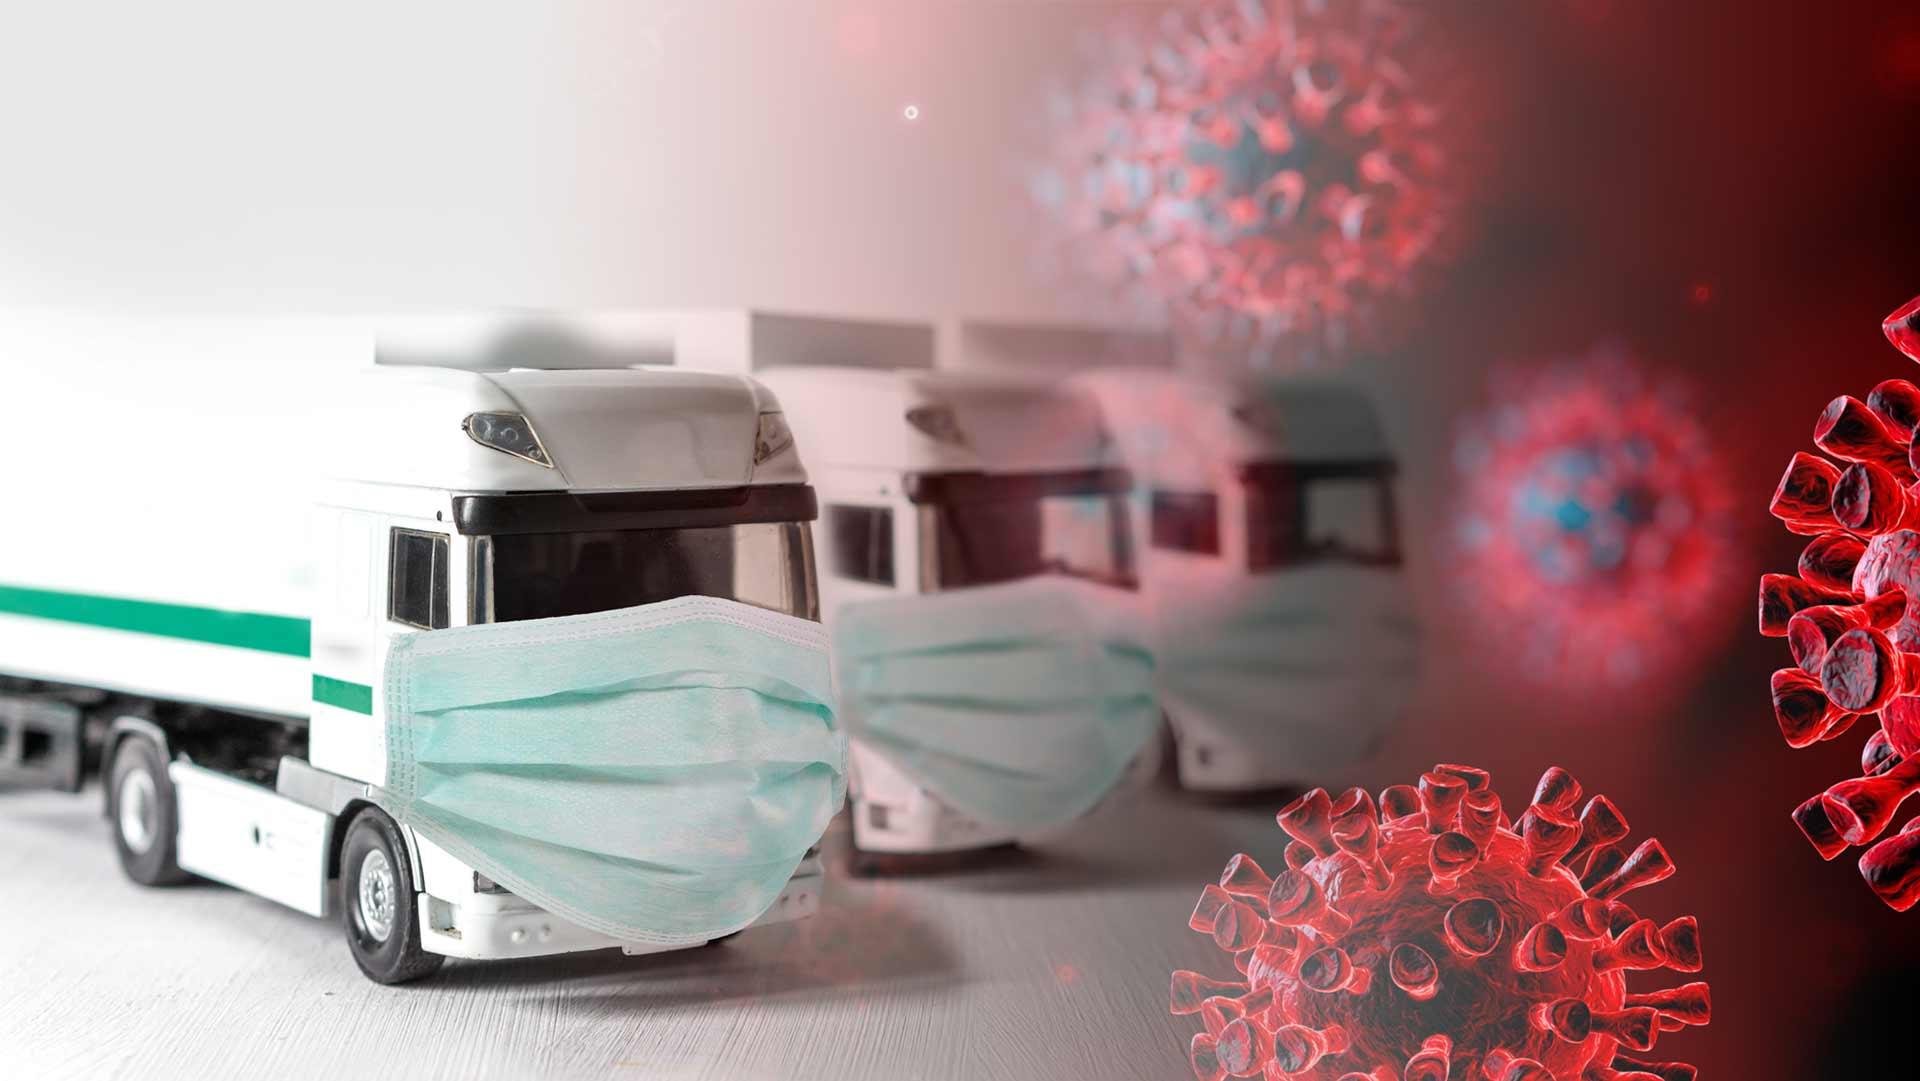 Trucks with maskes coronavirus 2